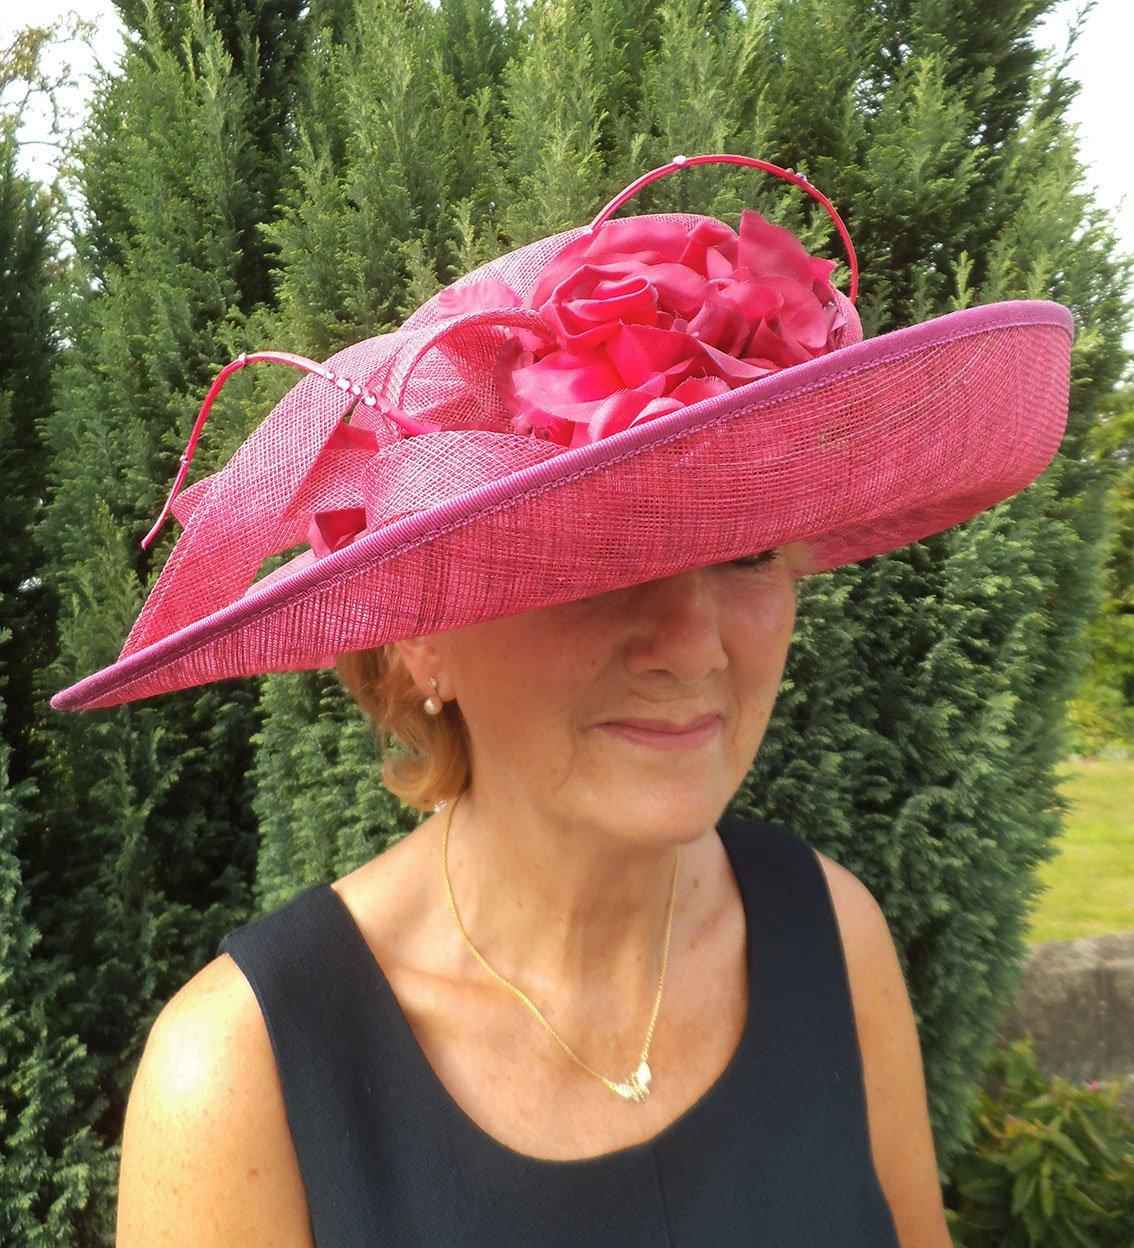 Women's Hats Manchester